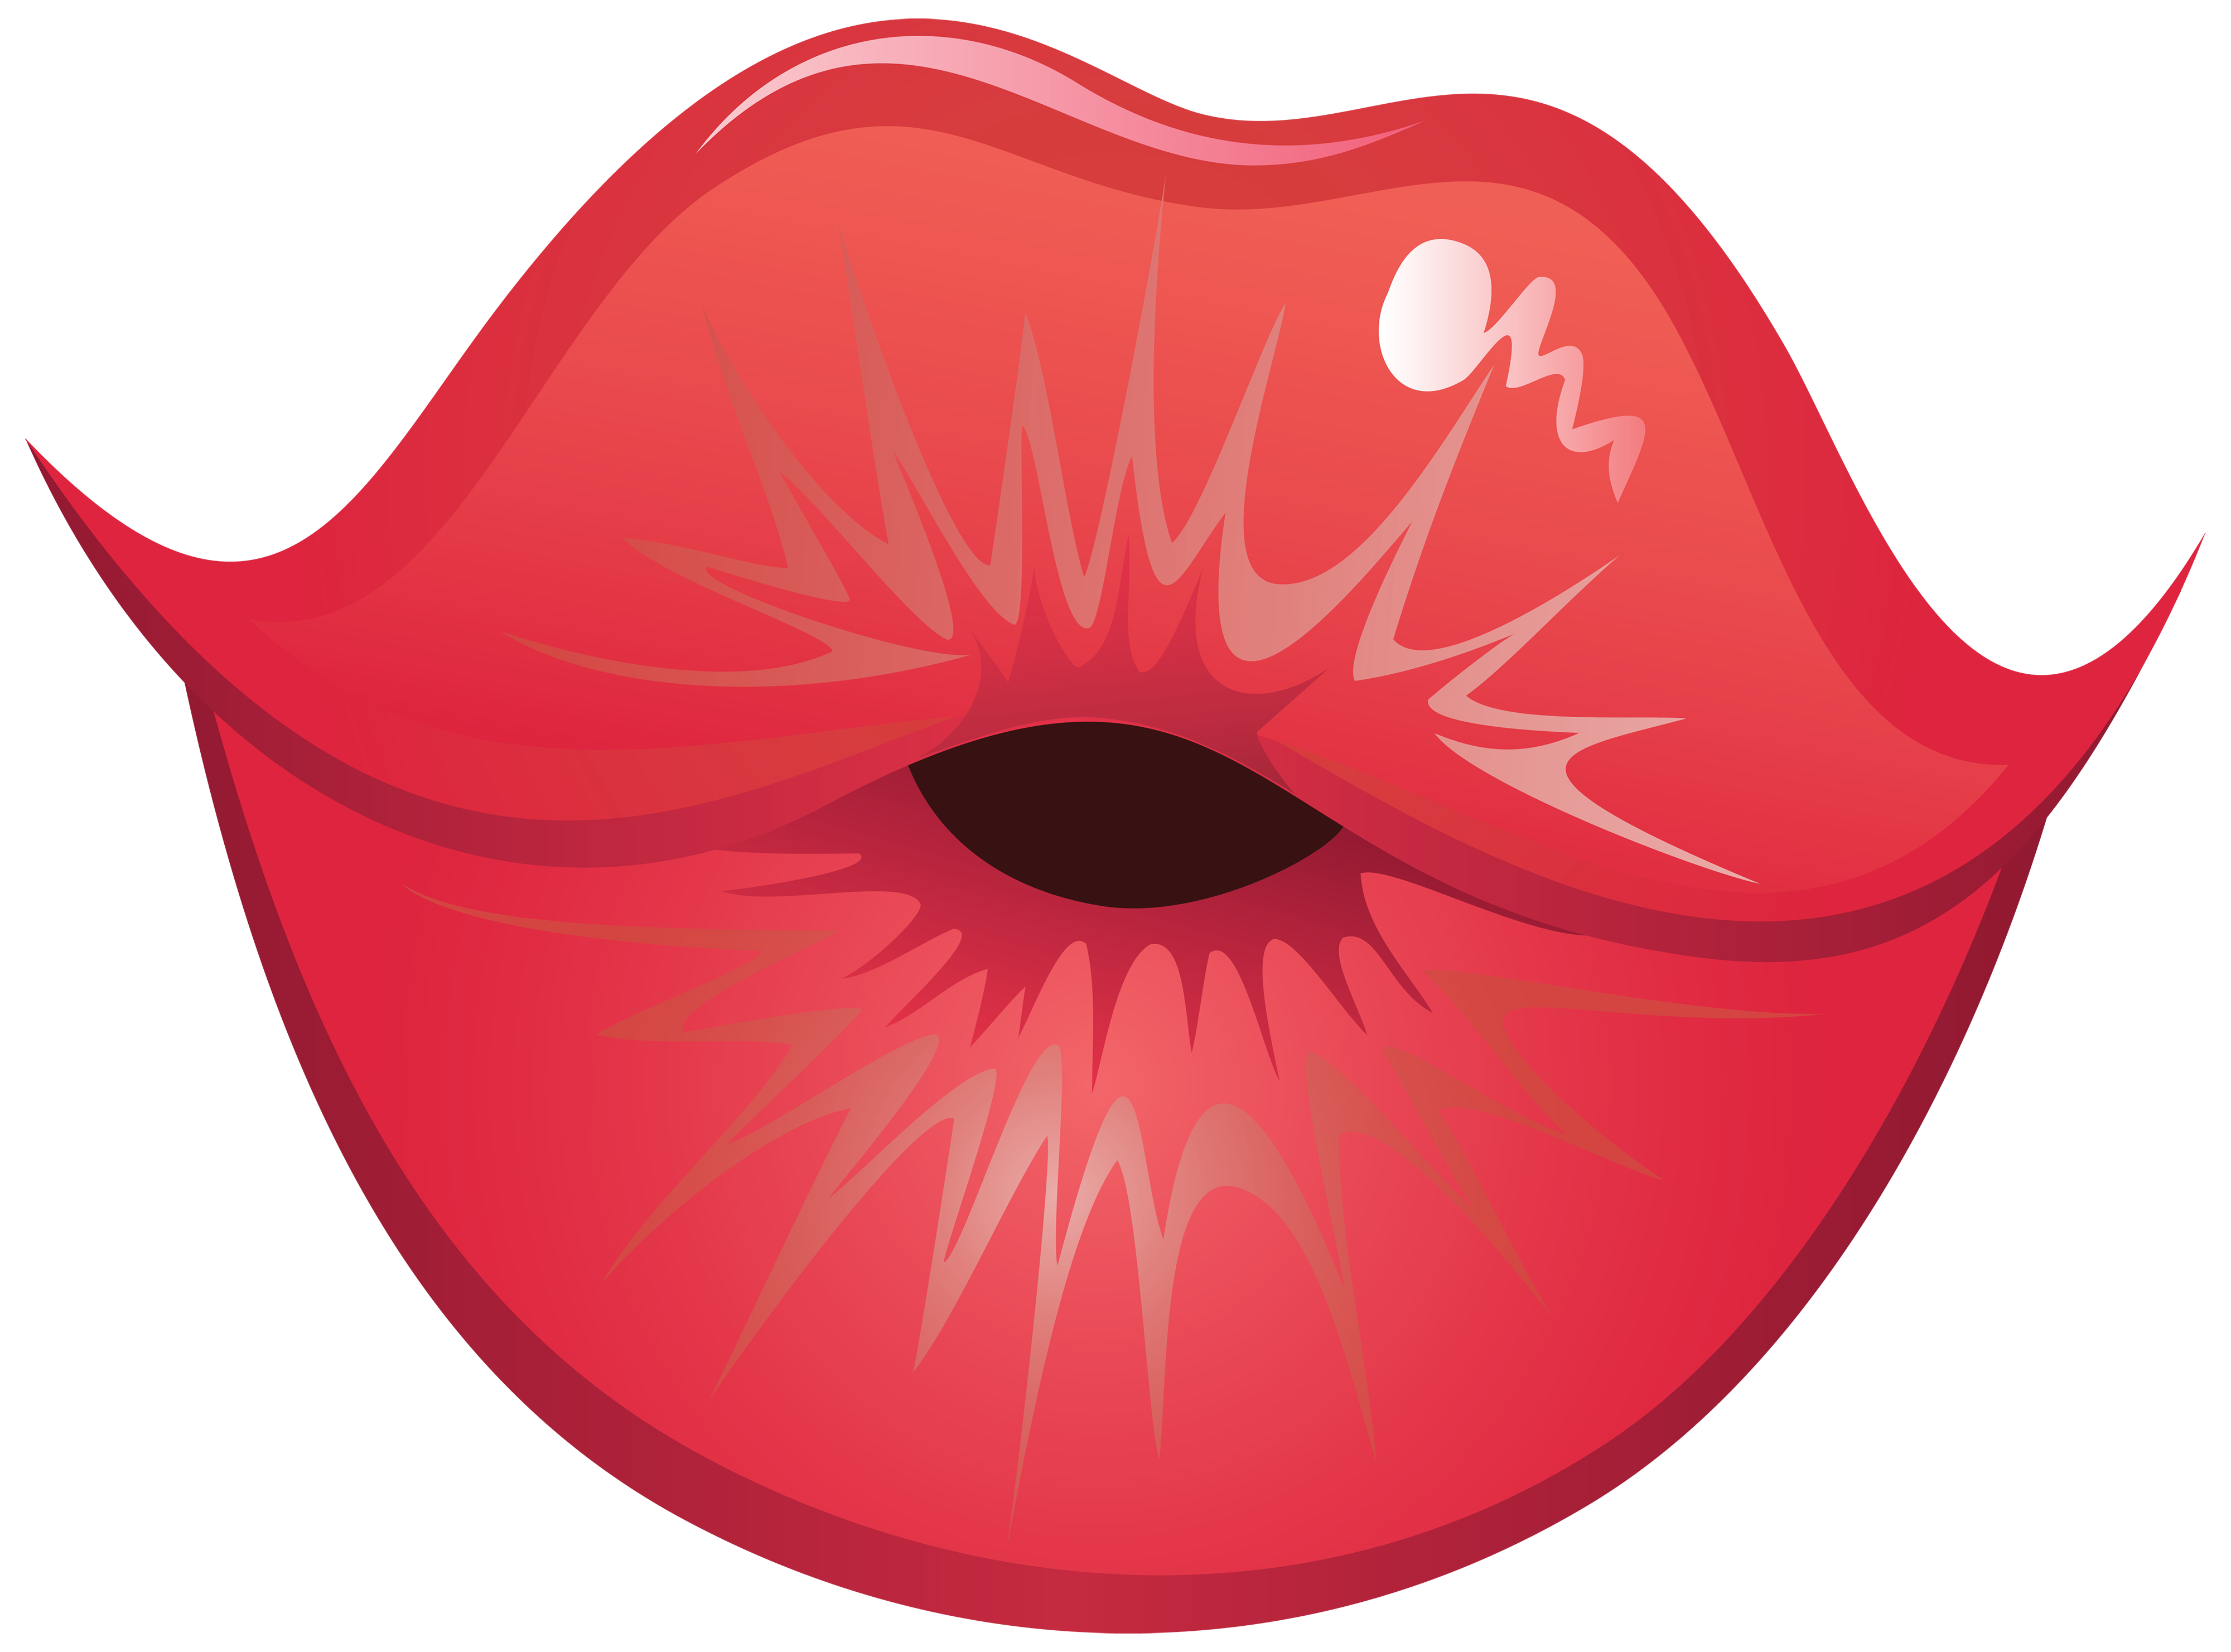 Kiss Clipart Free